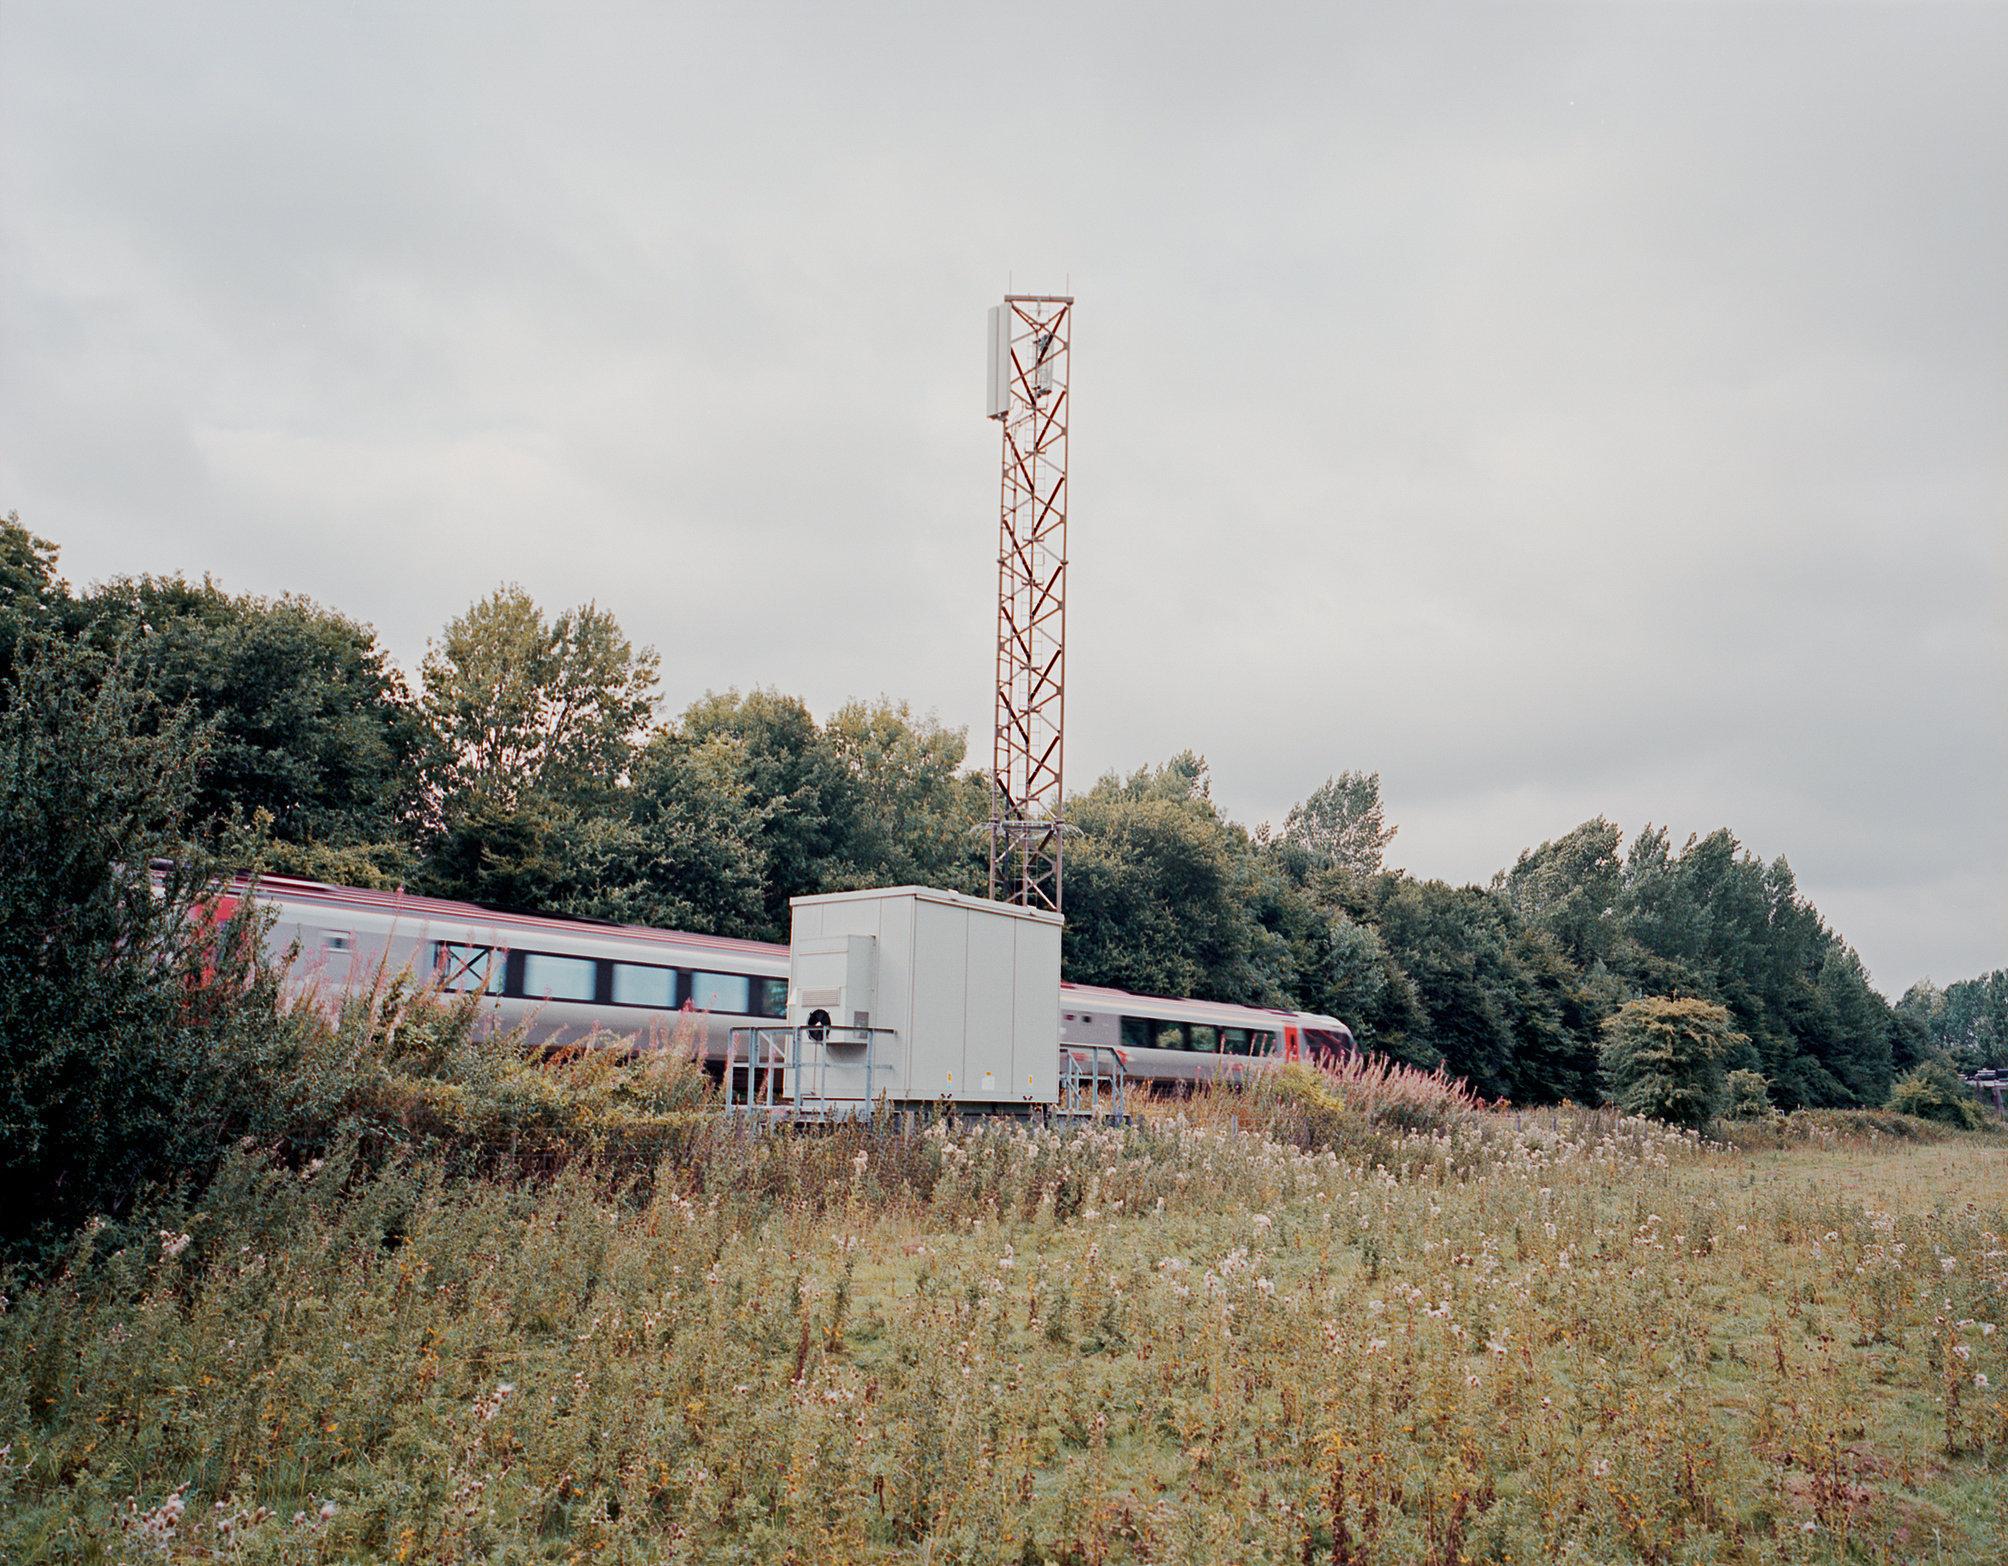 Mobile phone mast, Oxfordshire, UK.